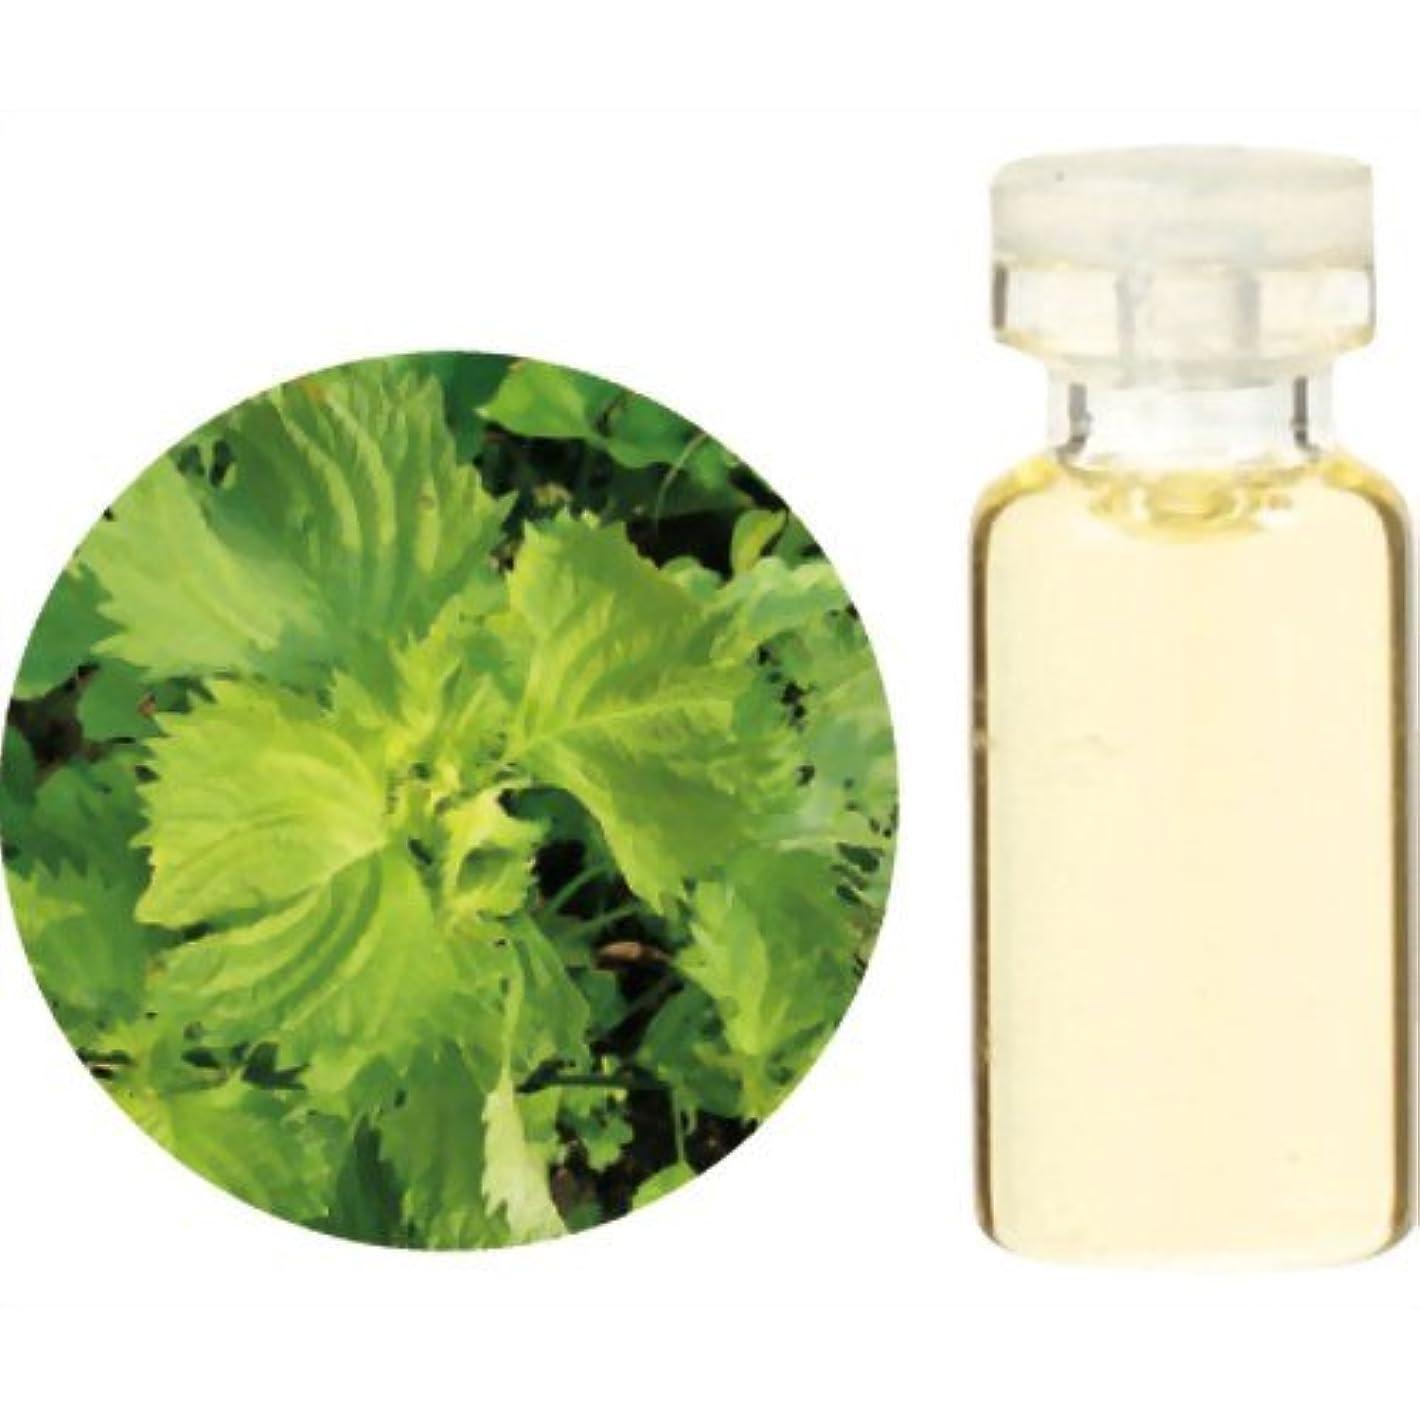 生活の木 Herbal Life 和精油 紫蘇 1ml